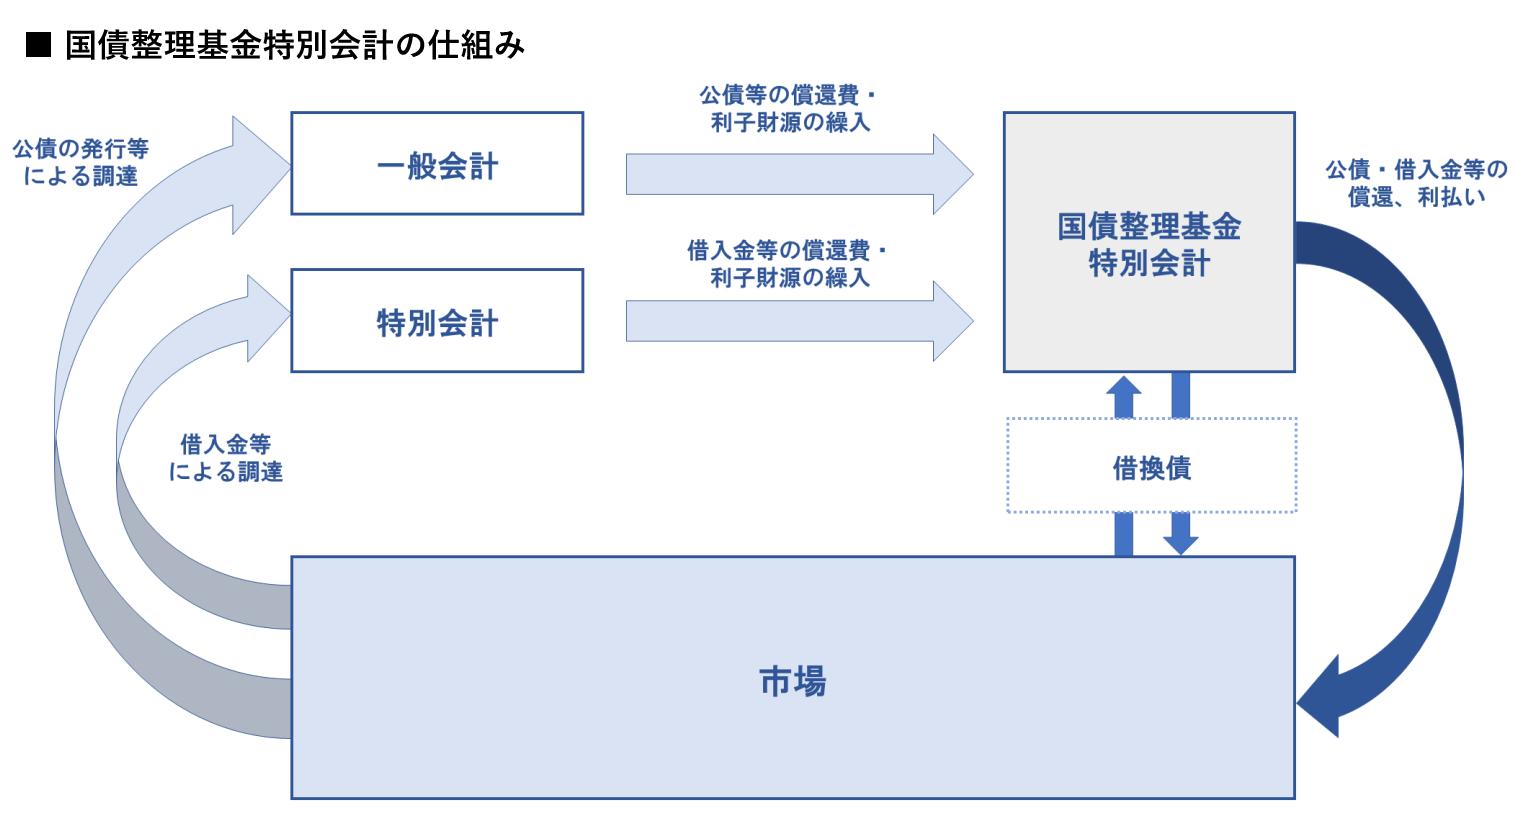 国債整理基金特別会計の仕組み イメージ画像